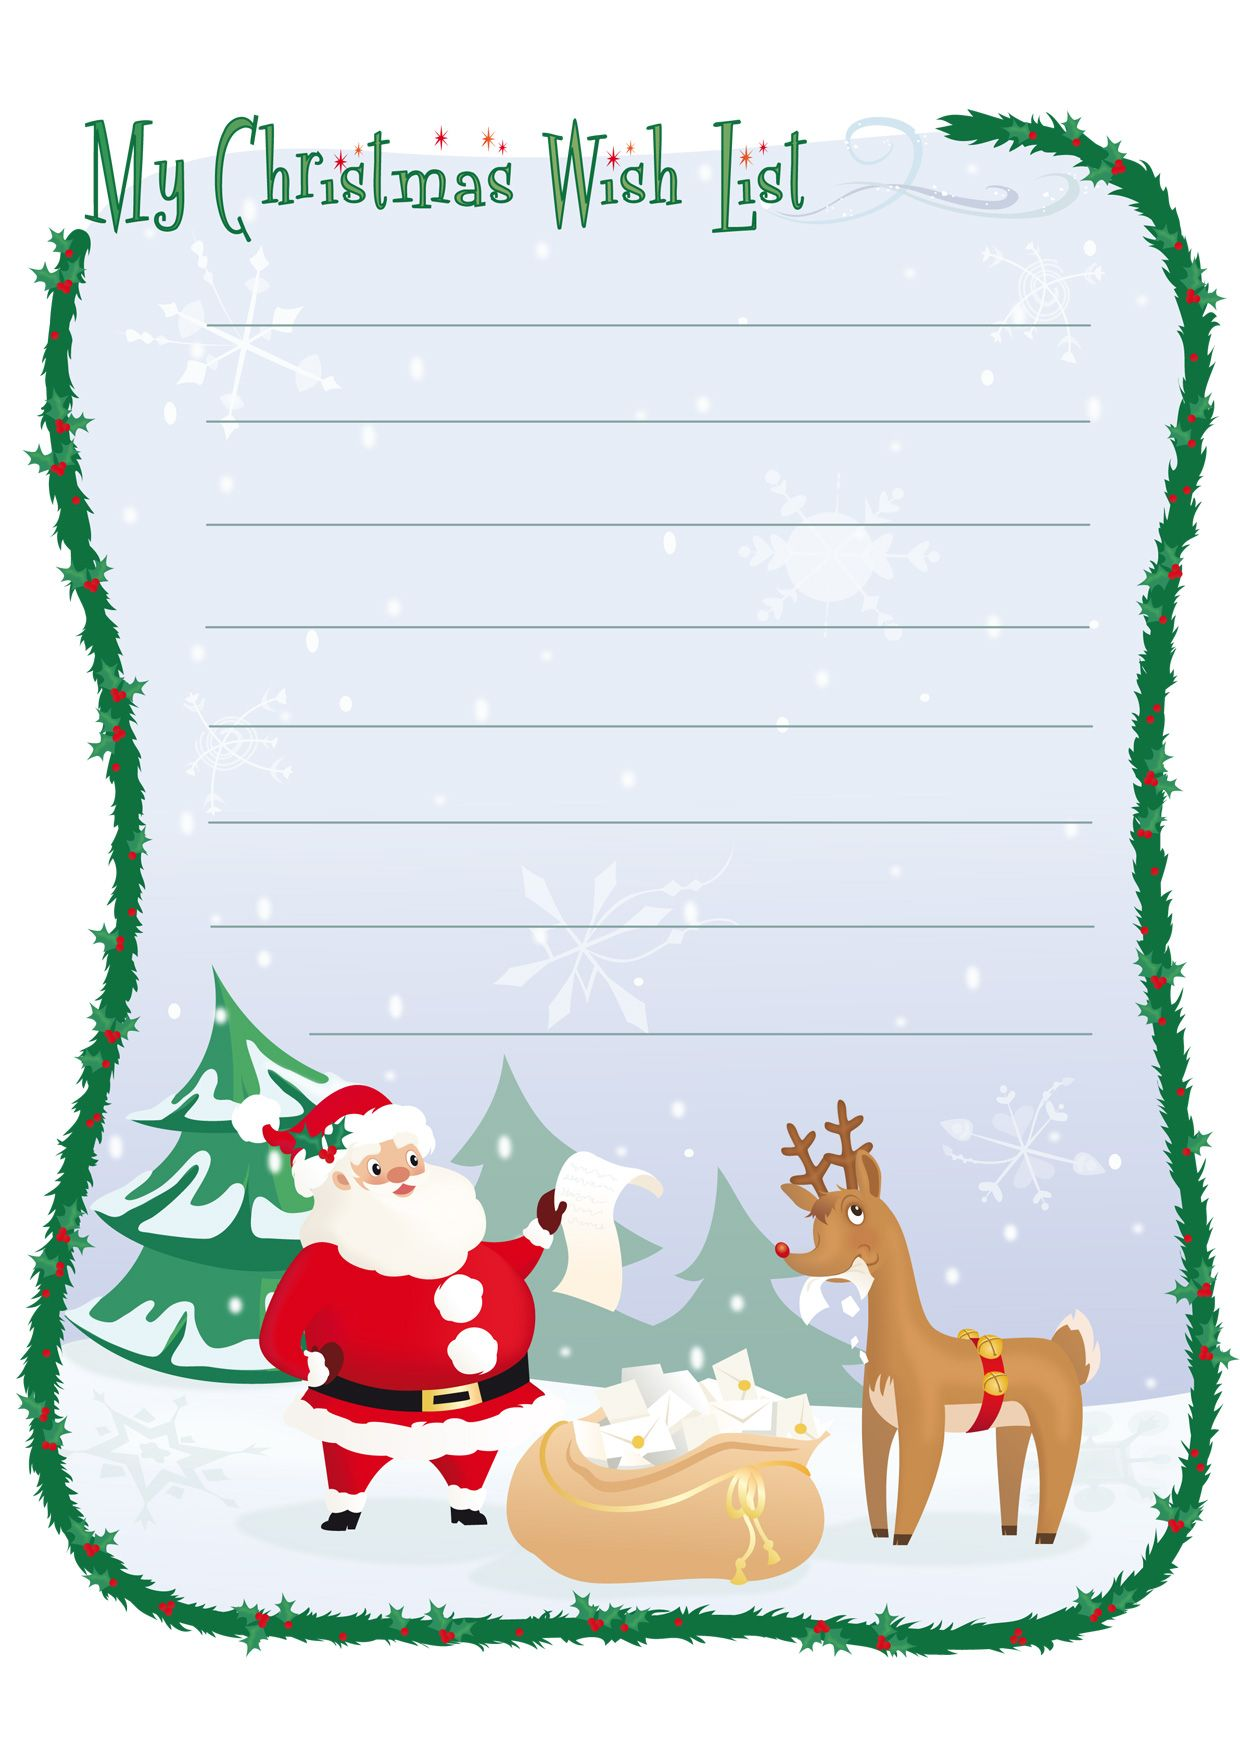 Immagini Di Natale Da Stampare Gratis.Modelli Di Lettera A Babbo Natale Da Stampare Gratis Lettera A Babbo Natale Auguri Natale Imprimibili Di Natale